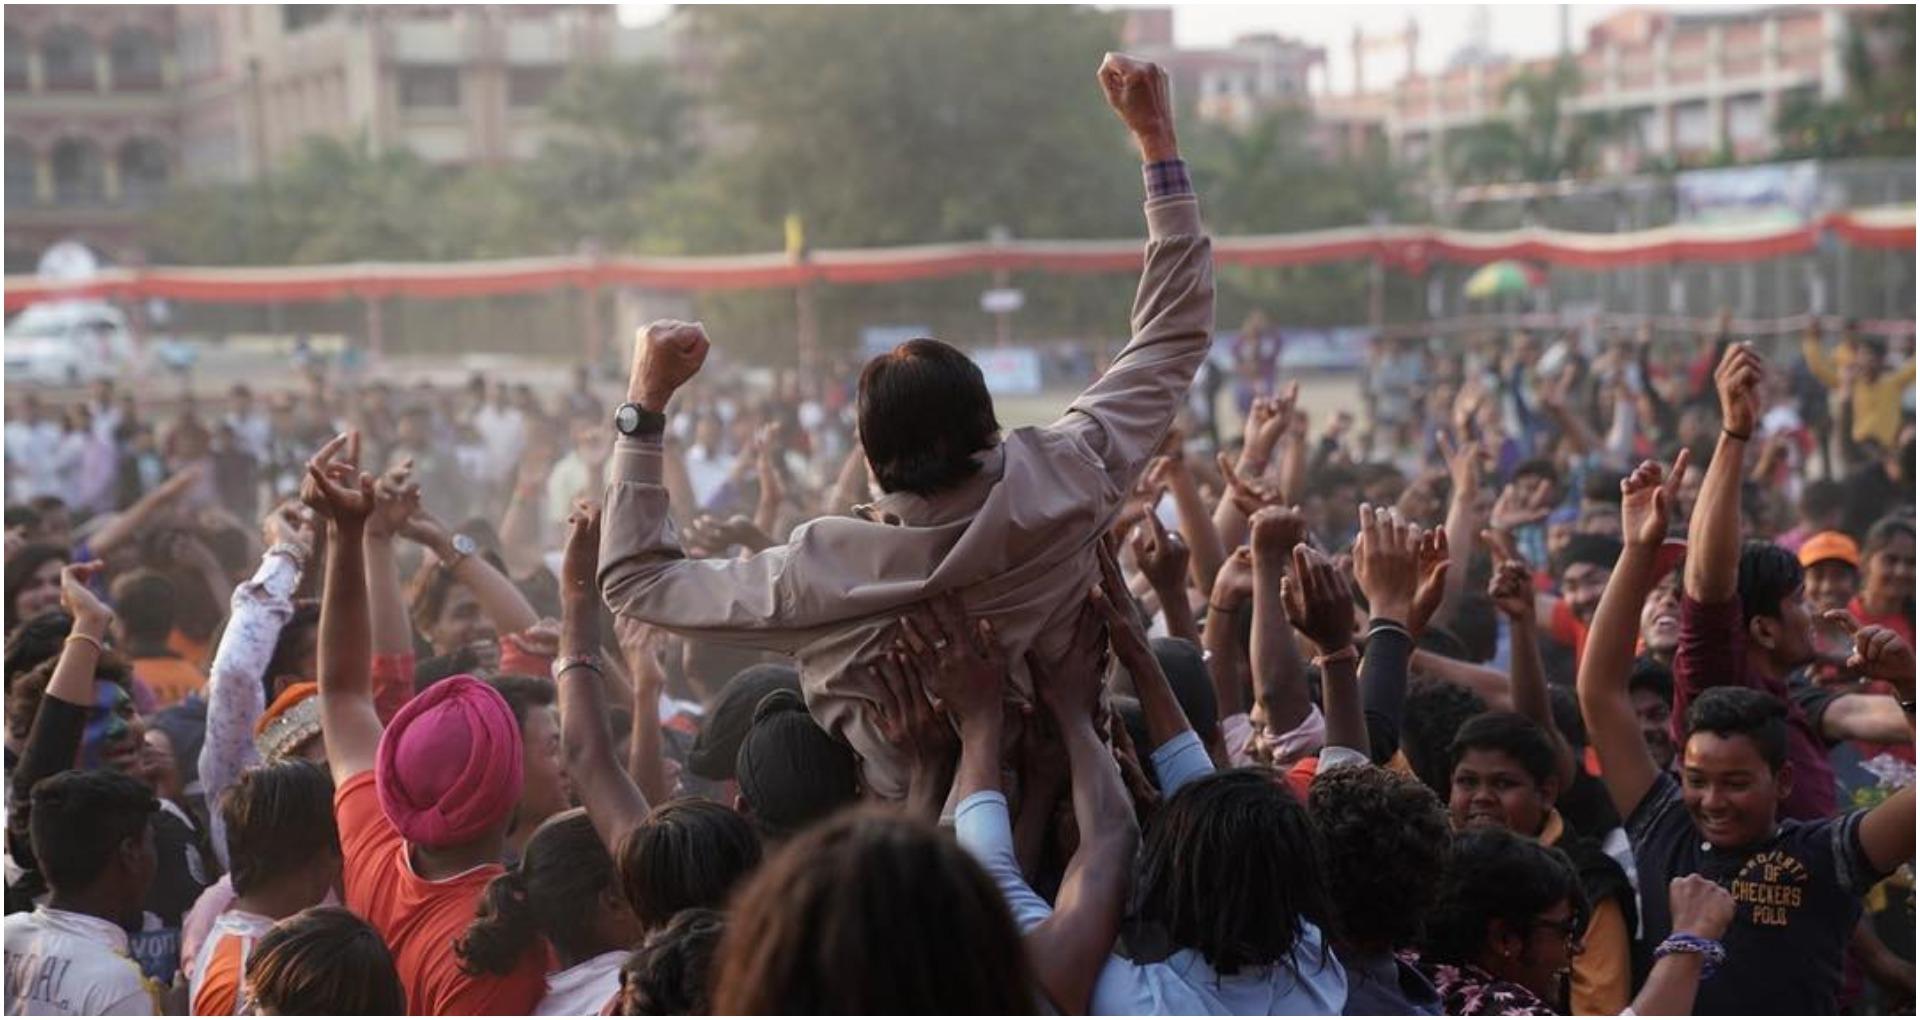 झुंड में भी दिखा महानायक अमिताभ बच्चन का सलीका लुक, इस दिन होगी बिग बी की फिल्म रिलीज